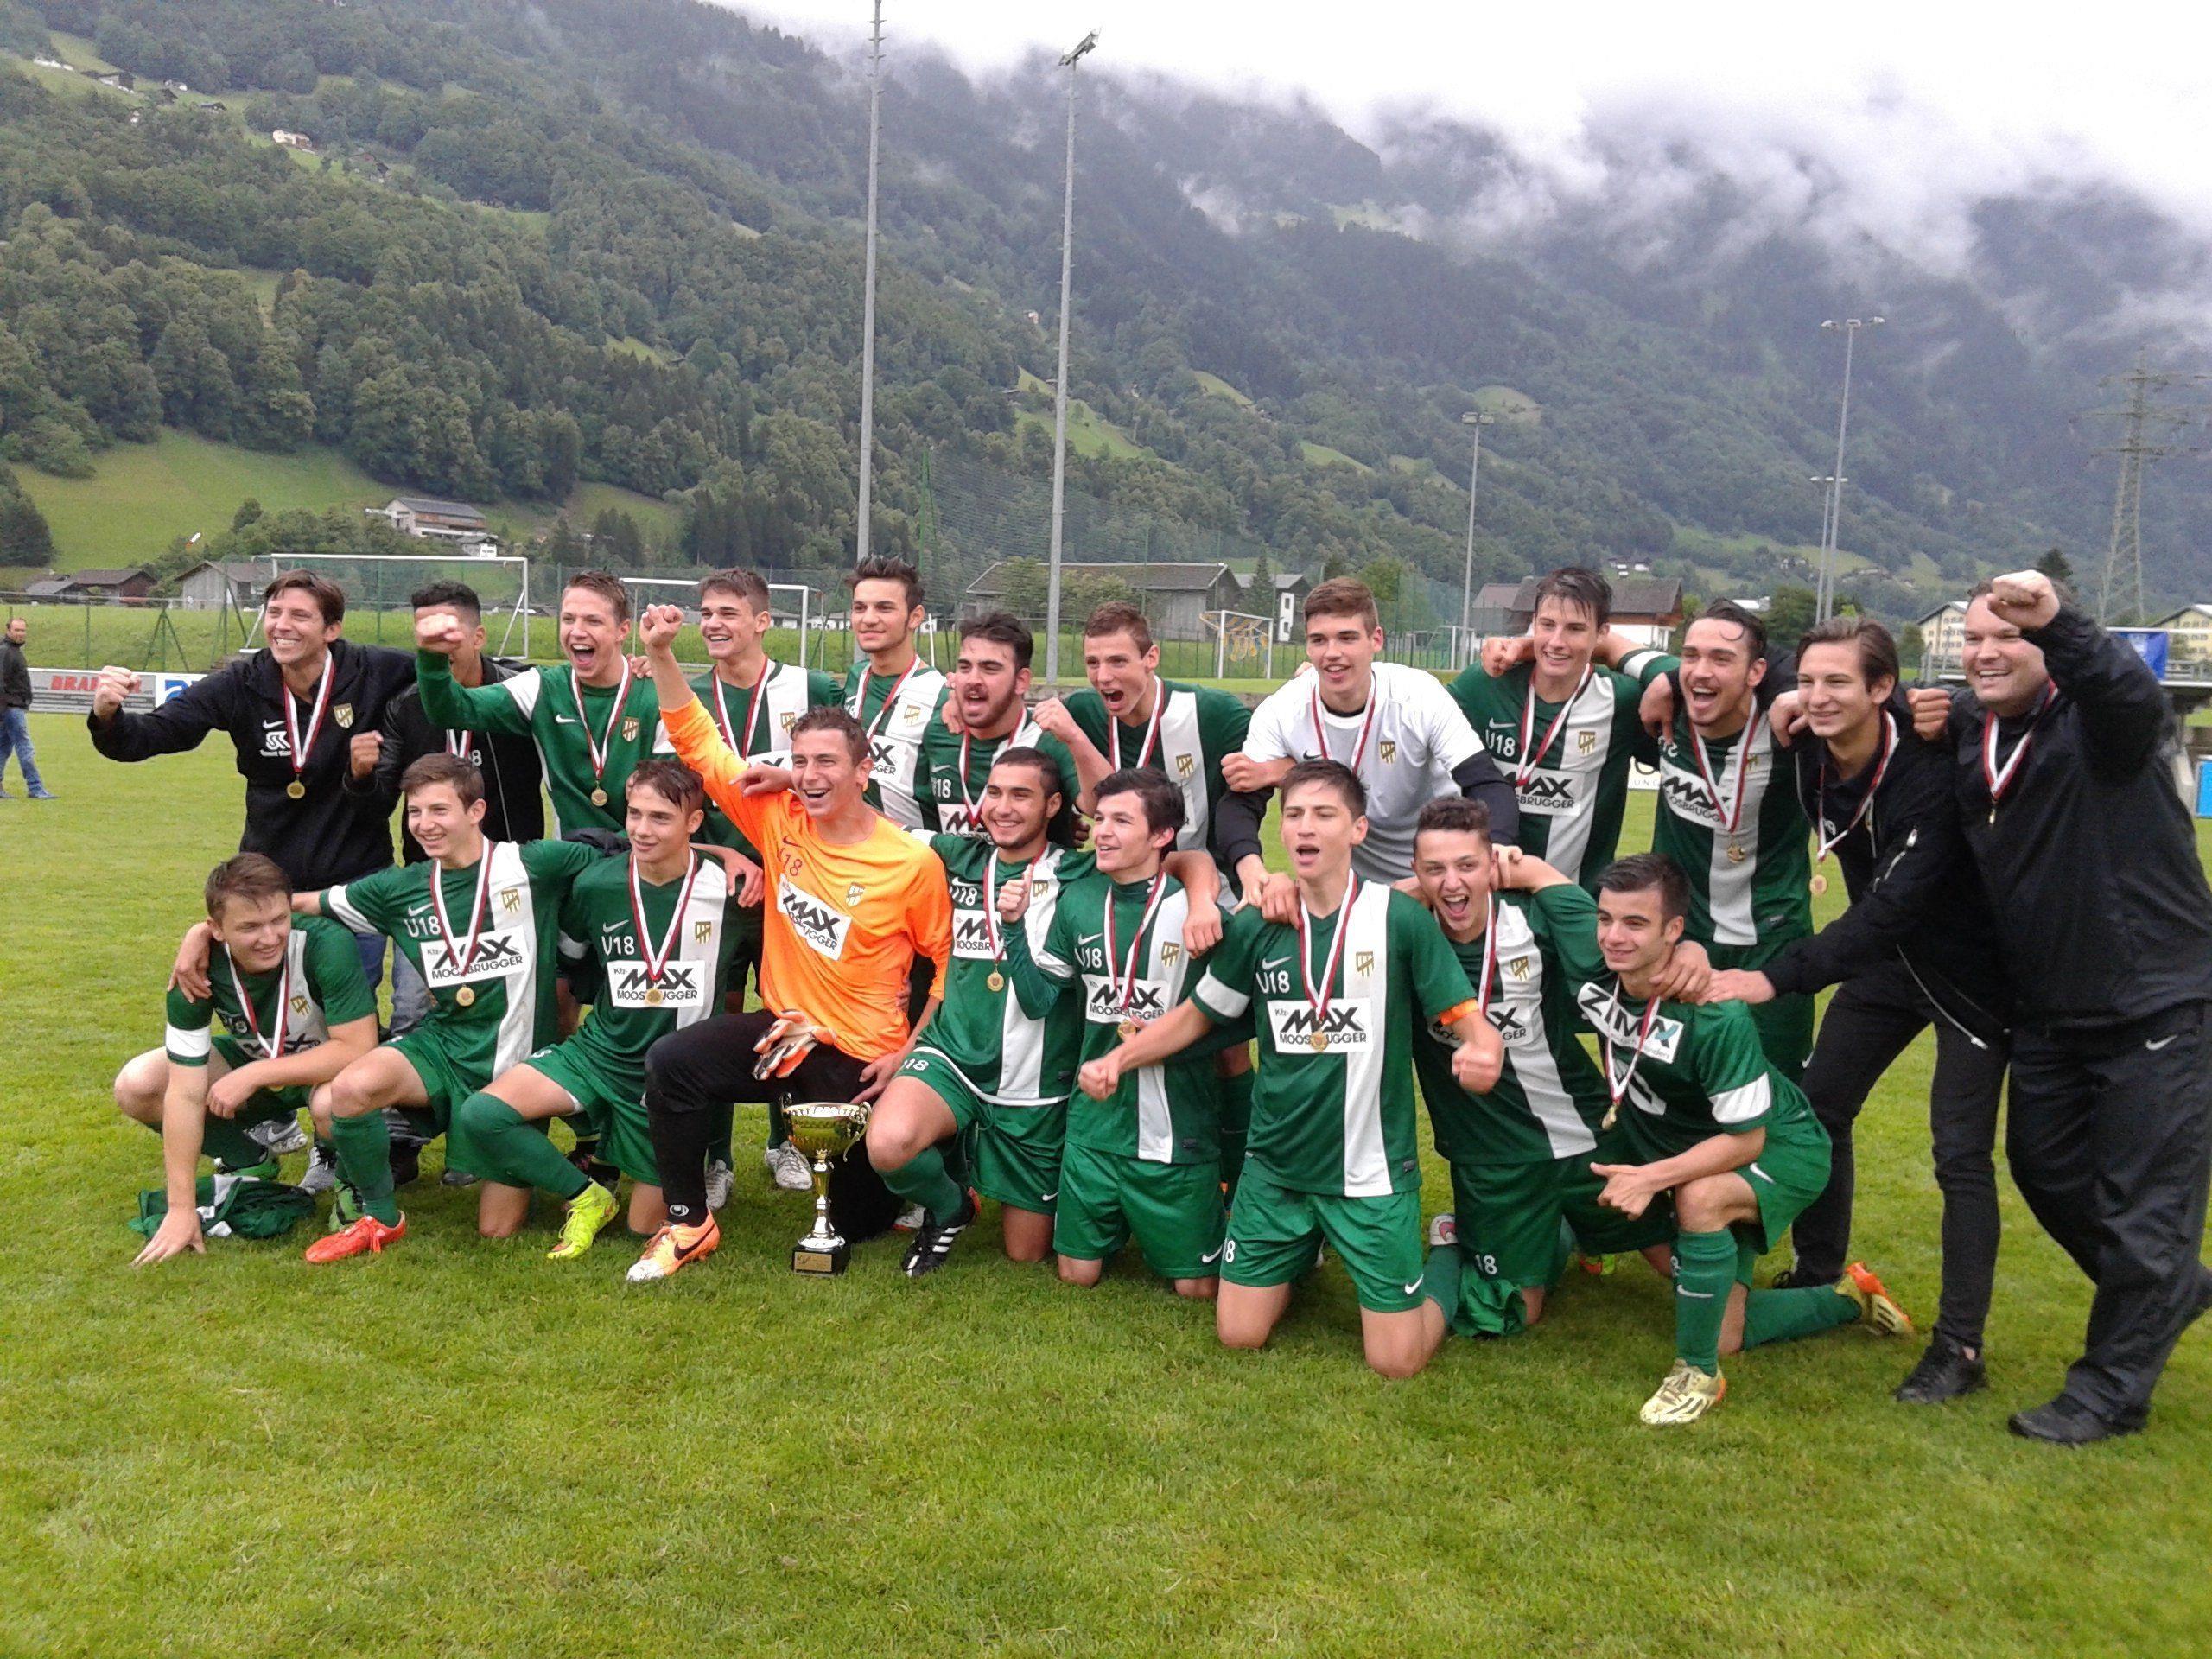 Die jungen Fußballer des SC Austria Lustenau sind neuer Vorarlberger U18 Landesmeister